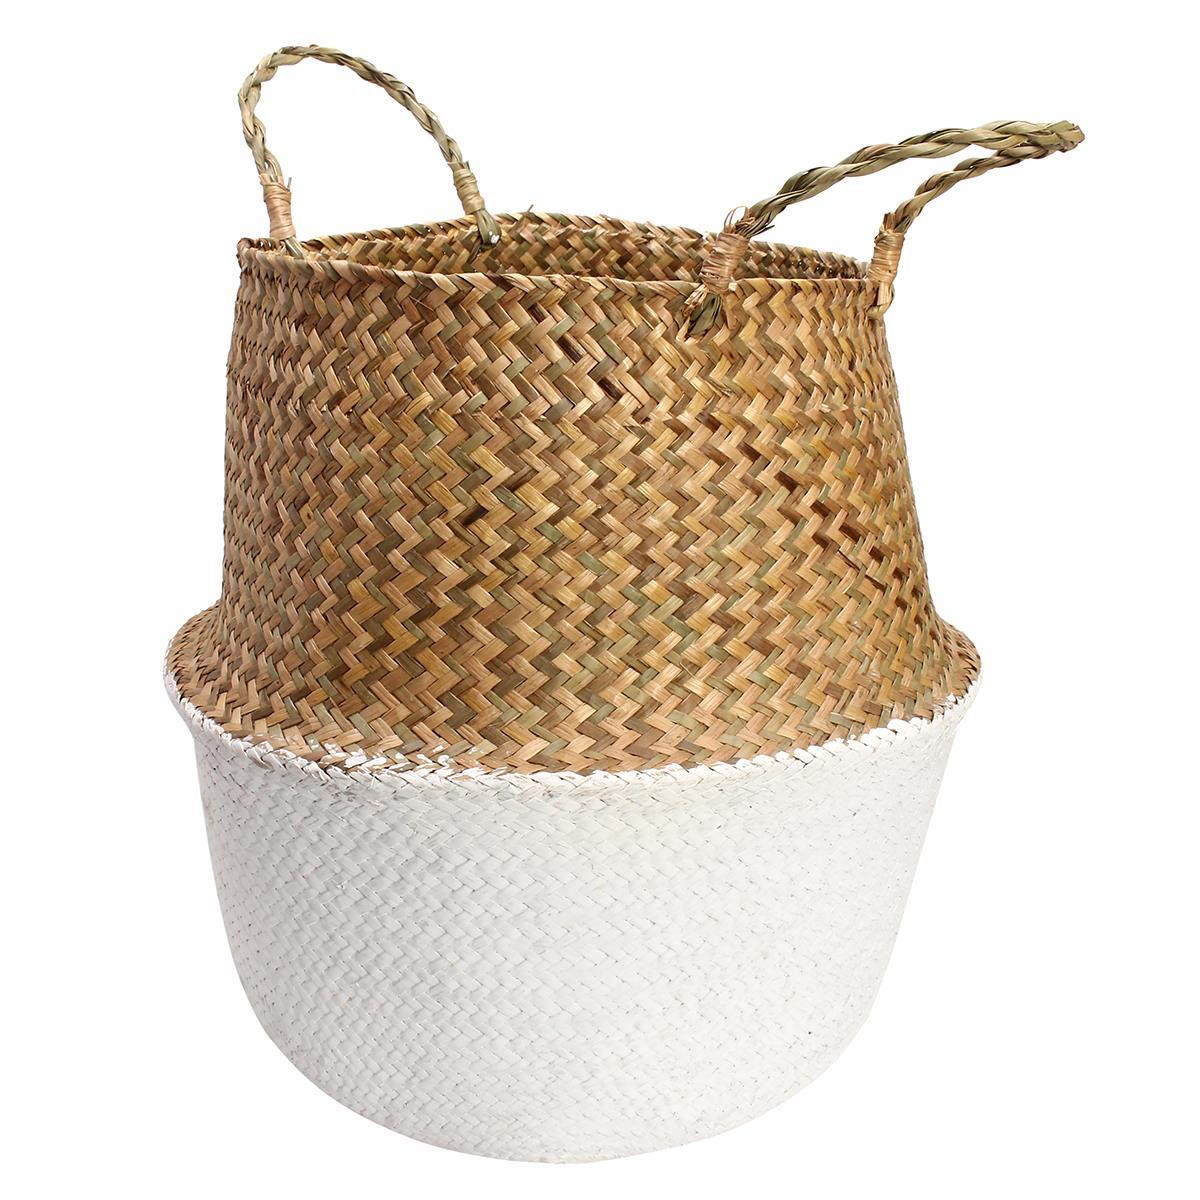 6be41556e7b3 Seagrass Belly Storage Basket Straw Basket Write Wicker basket Storage bag  White Garden Flower Pot Planter Handmade-in Storage Baskets from Home    Garden on ...